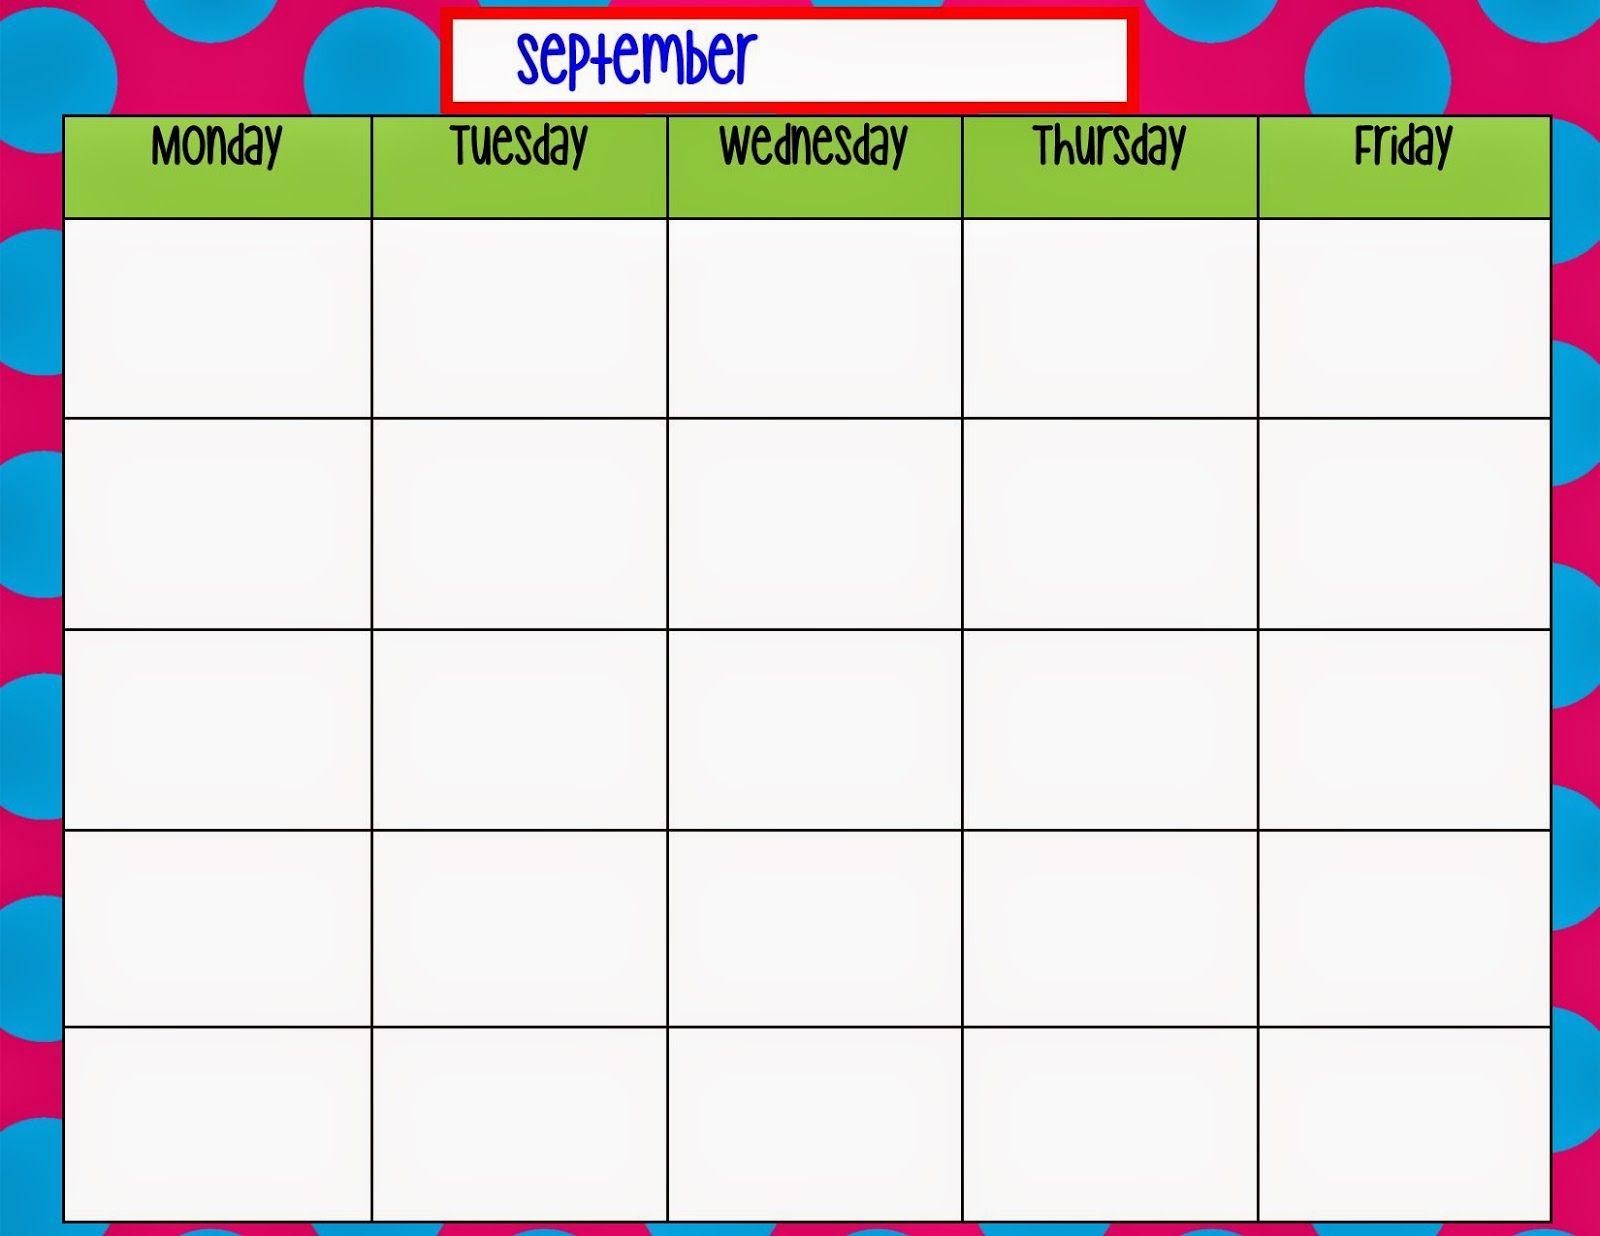 Monday Through Friday Calendar Template | Preschool | Weekly regarding Calendar Template Monday To Sunday